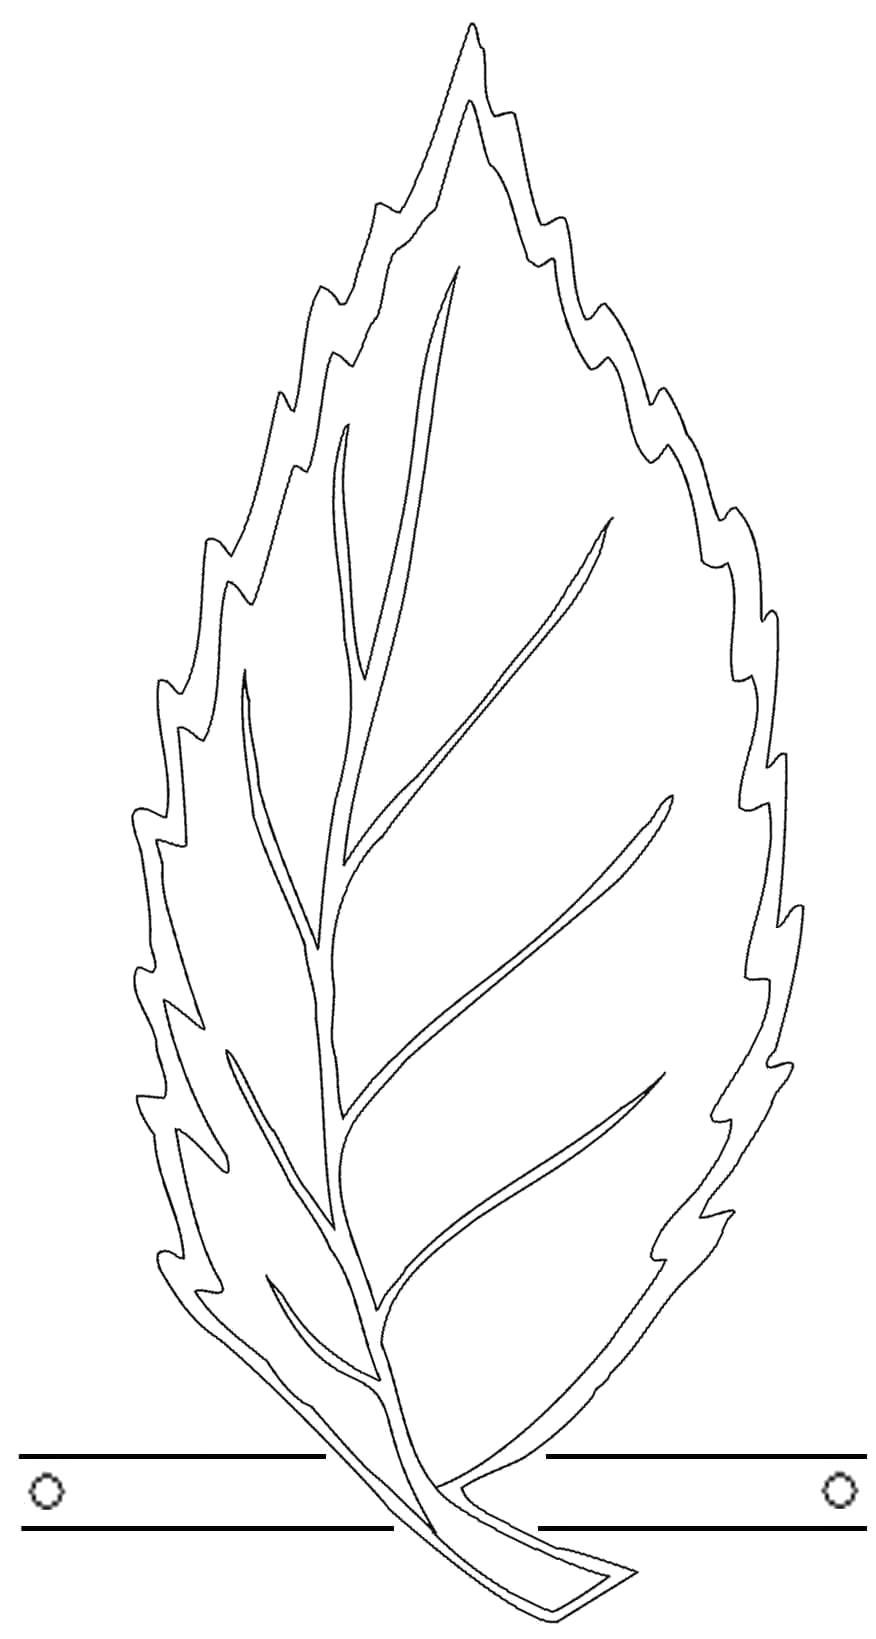 Раскраска Поделки. Осенние маски. Осенние поделки своими руками из картона. Осенний лист осины. Осиновый лист 160x300 Детская карнавальная маска из бумаги своими руками. Развитие ребенка. Делаем детскую карнавальную маску из бумаги. Сегодня вместе с детьми своими руками делаем из бумаги детские карнавальные маски осенних листов: клена, рябины, дуба, каштана, ивы, осины, кувшинки и лиственницы.. Скачать лист.  Распечатать растения